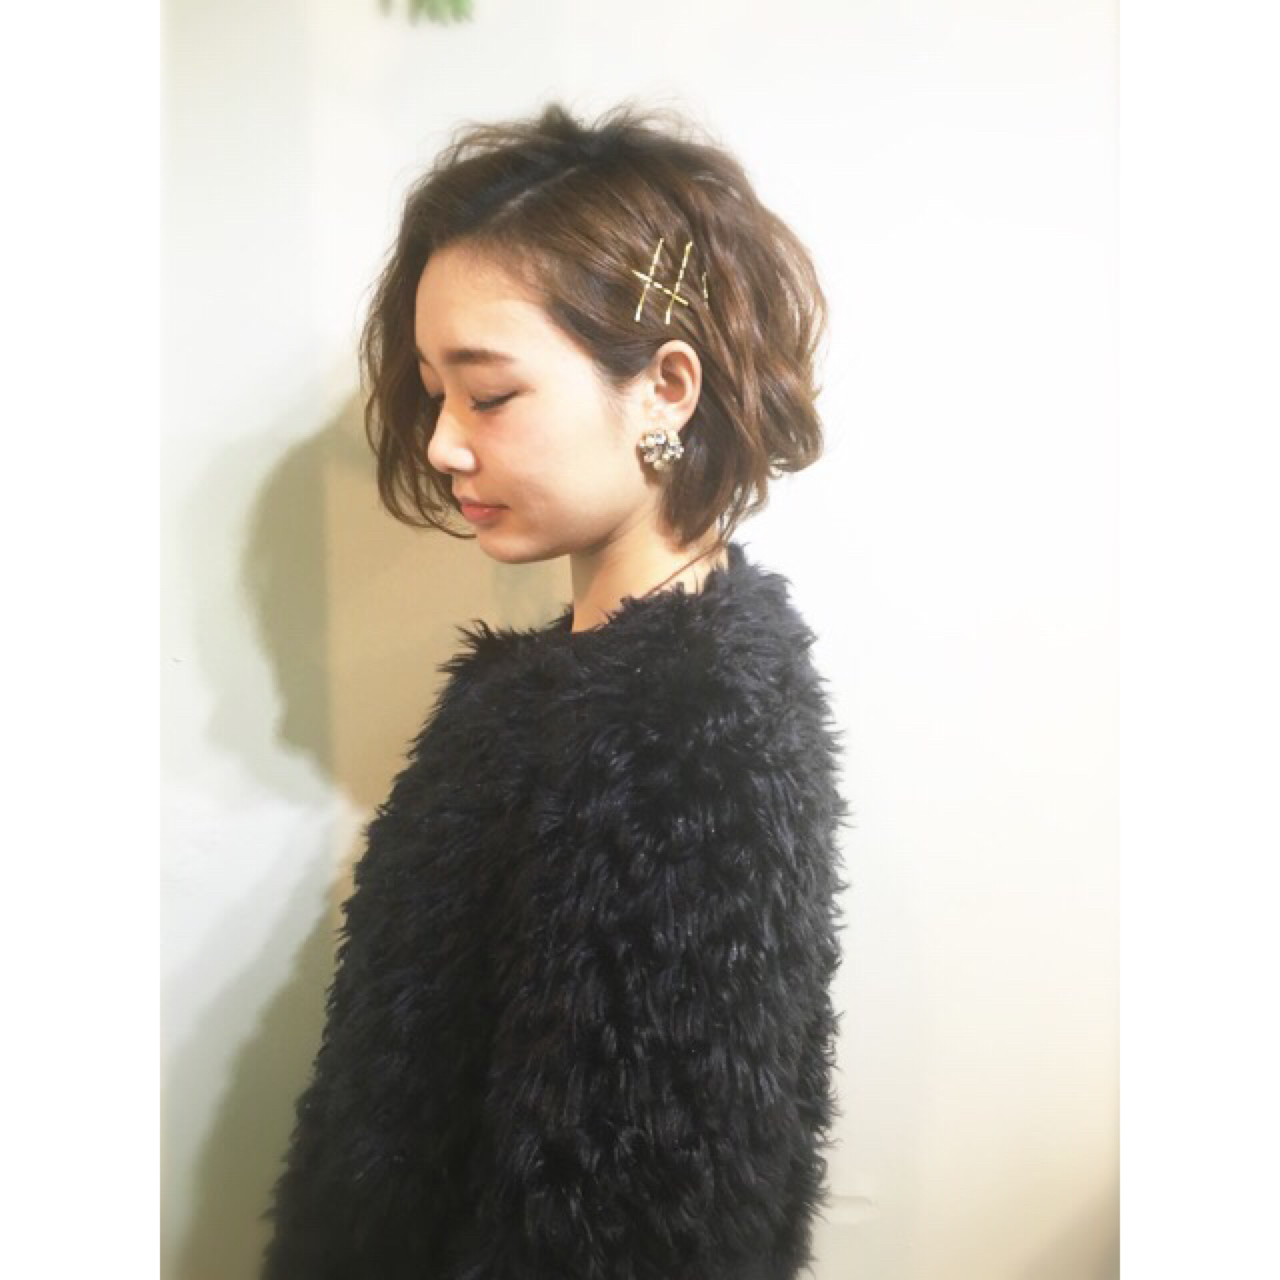 ハーフアップ 簡単ヘアアレンジ ナチュラル 大人かわいい ヘアスタイルや髪型の写真・画像 | COM PASS 太一 / COM PASS